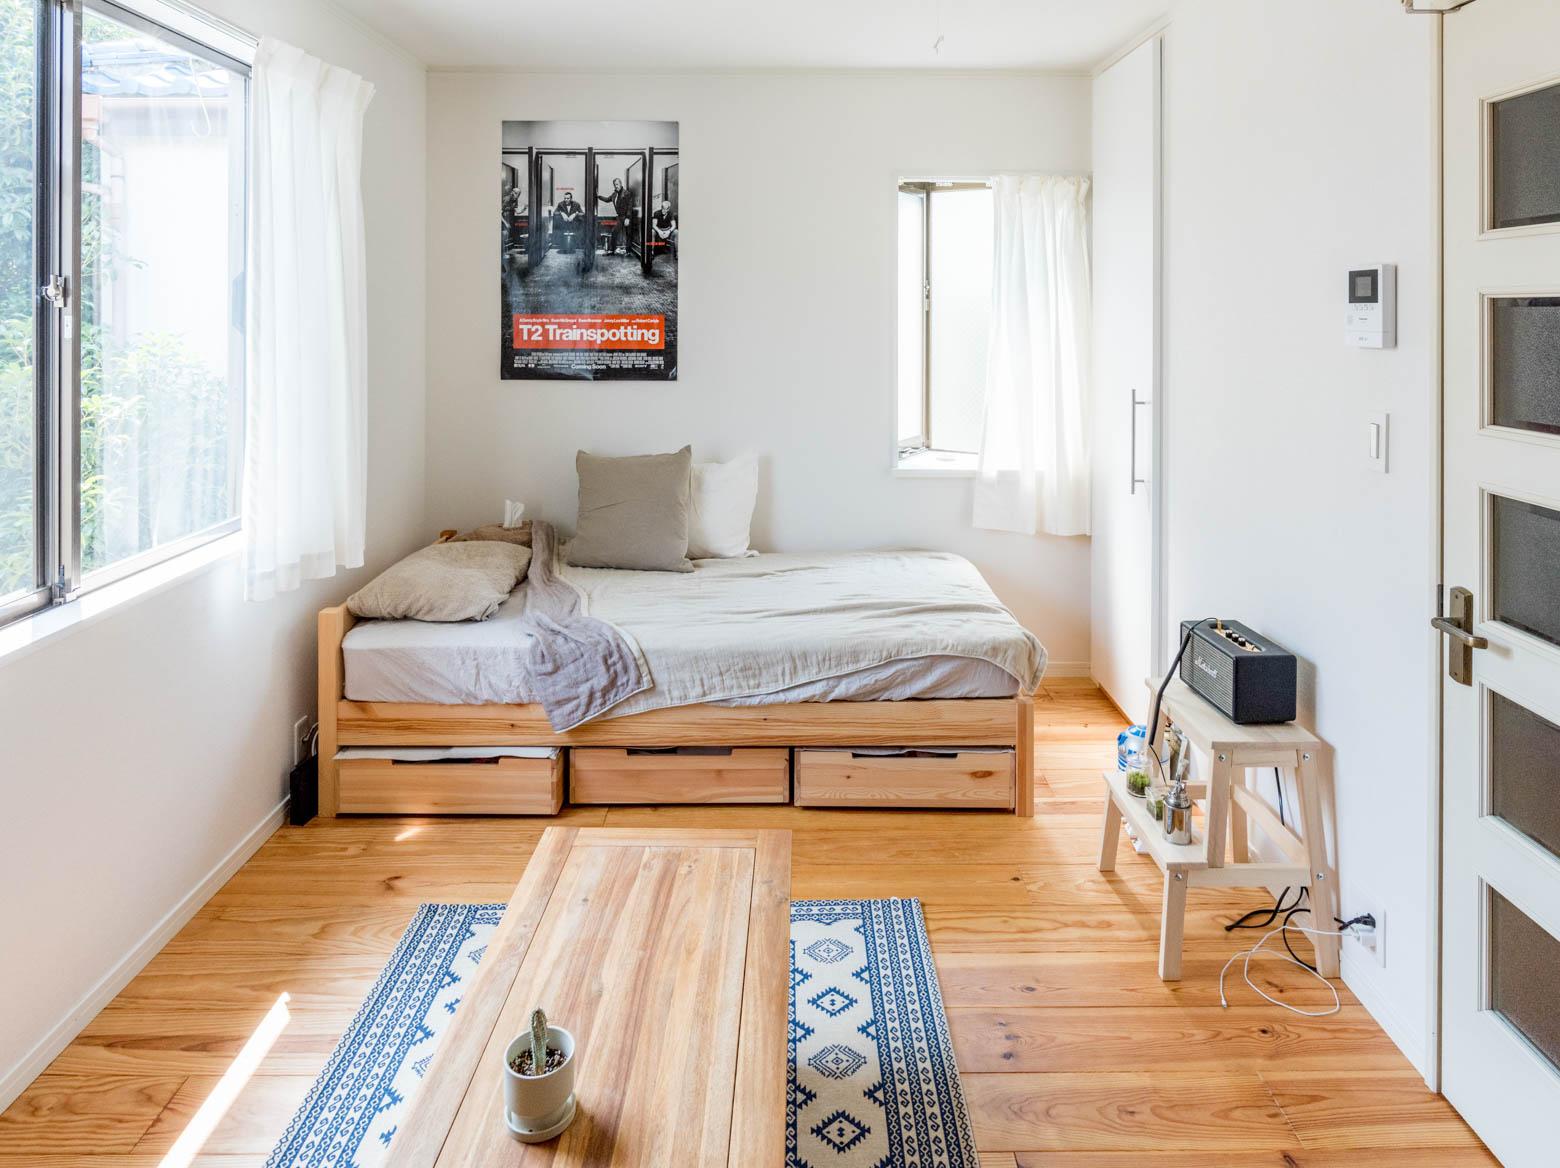 家具配置の参考に:『一人暮らしの家具って、何が必要? みんなの部屋をのぞいてみた』